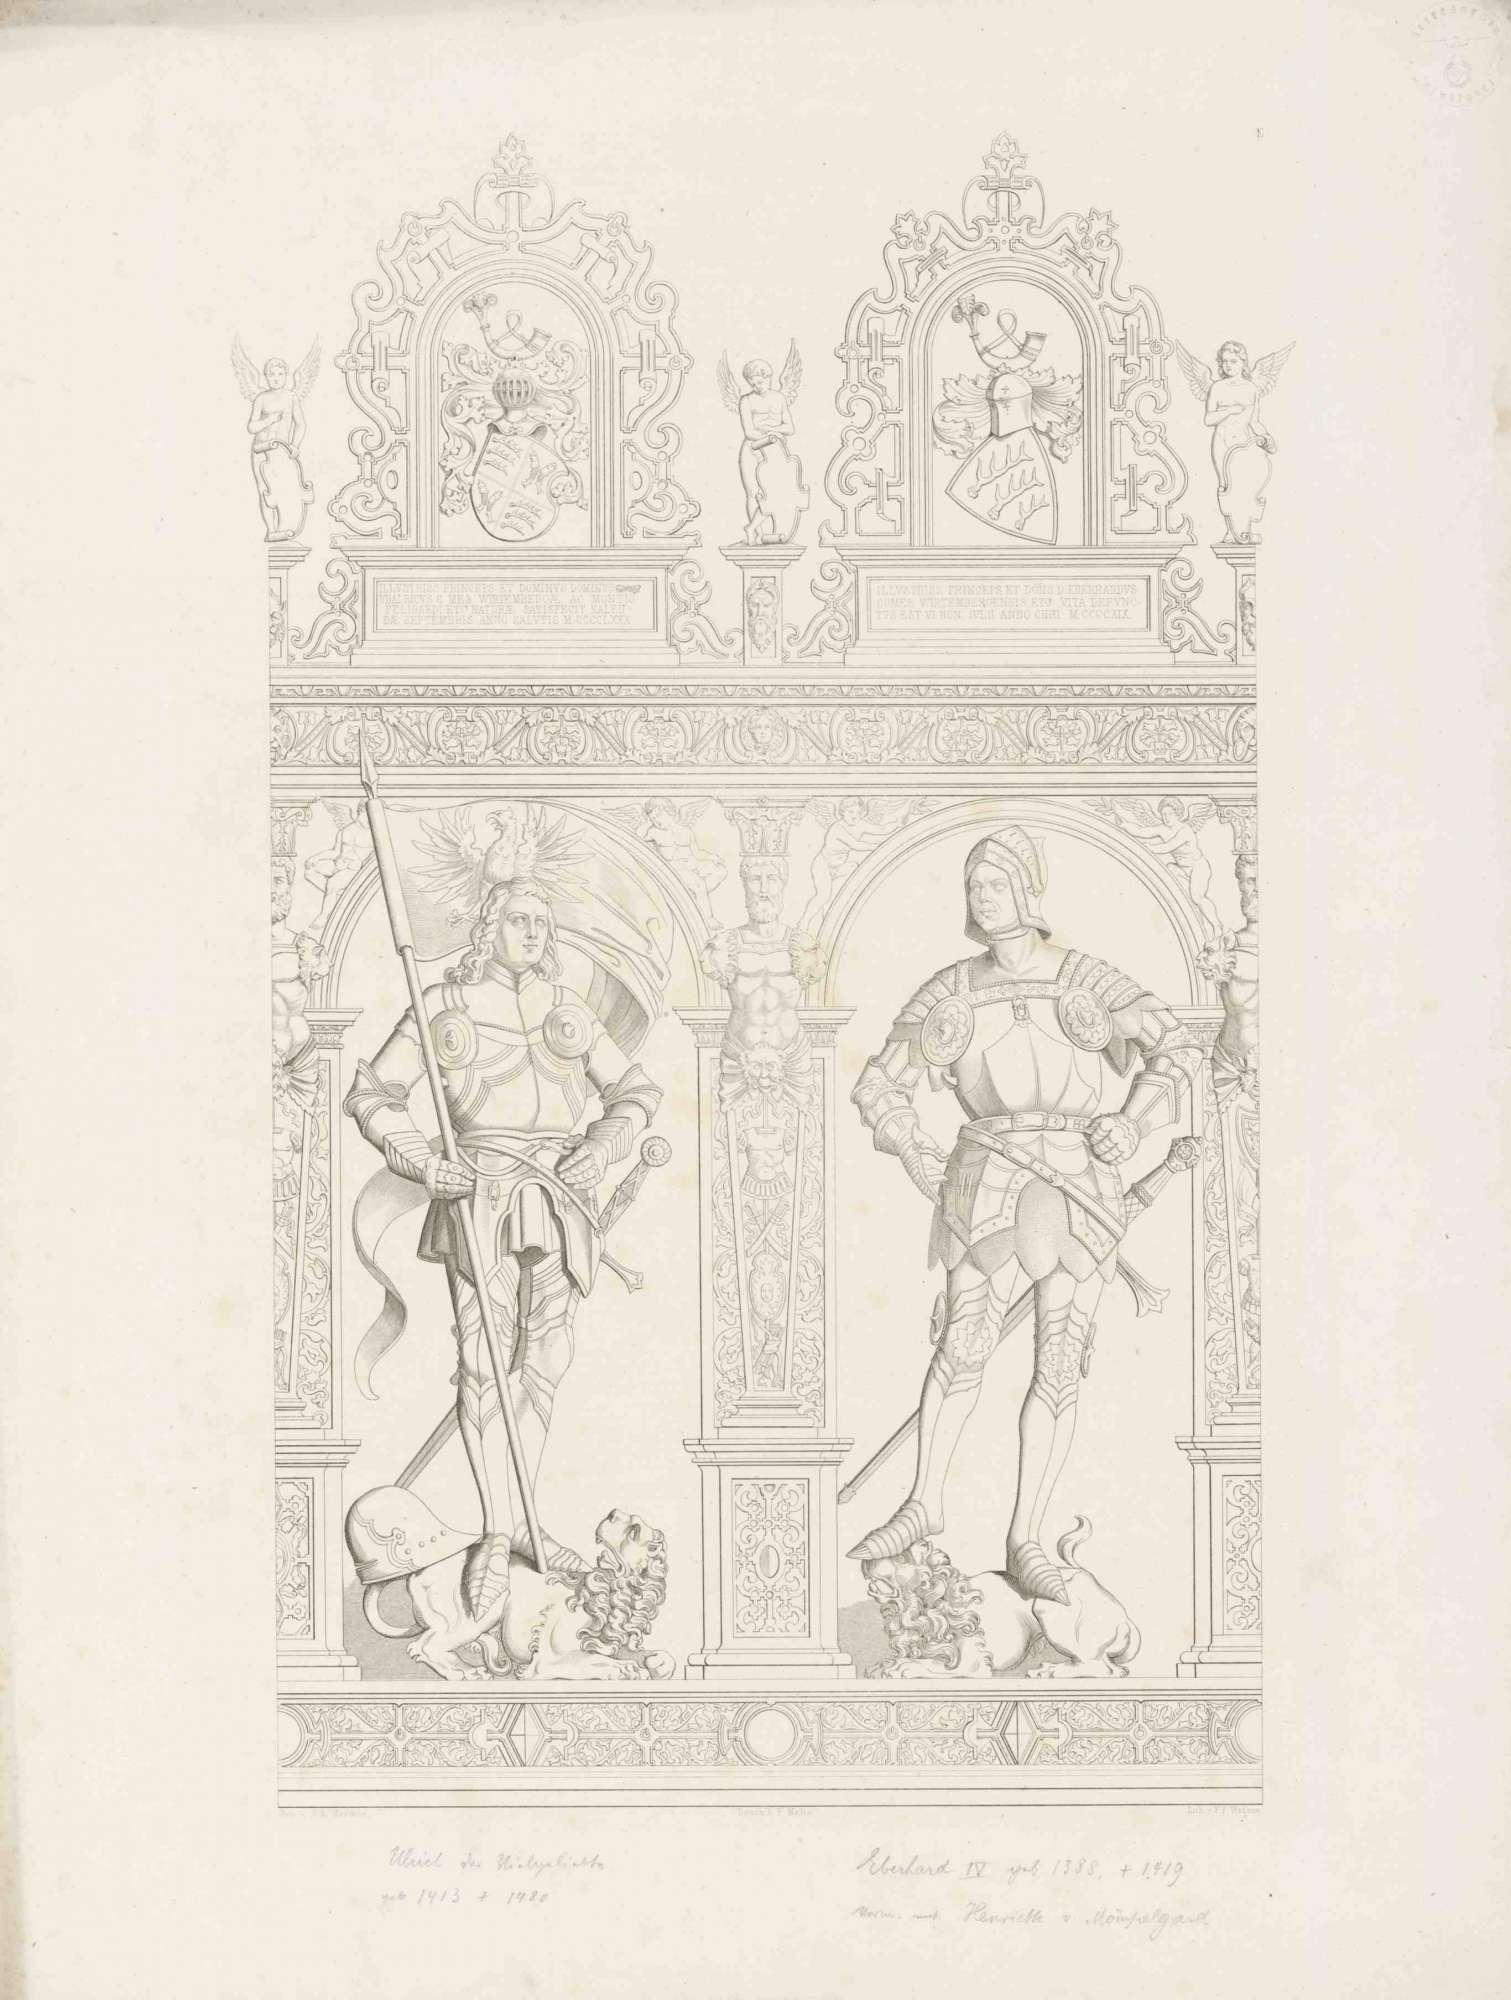 Graf Ulrich (der Vielgeliebte), Graf Eberhard IV (der Jüngere), in Renaissancerahmen mit Wappen und Inschrift darüber, Graf Ulrich mit Reichssturmfahne, beide in Rüstung auf Löwen stehend, Bild 1